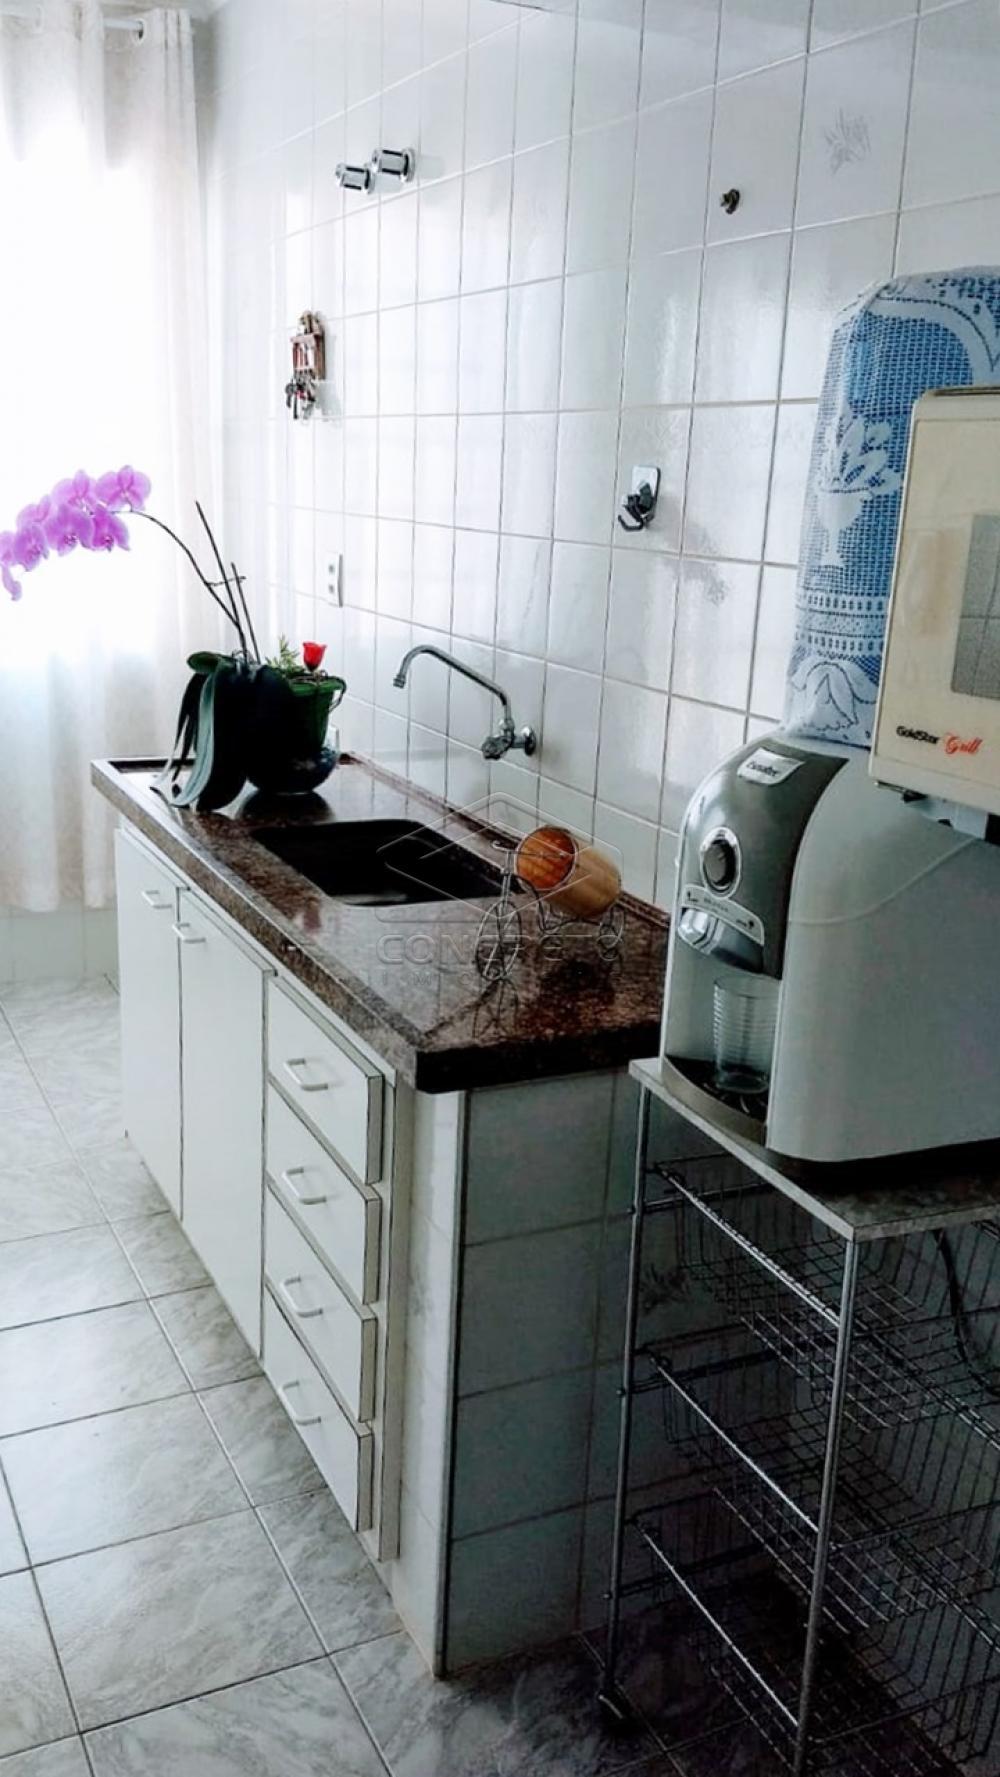 Comprar Casa / Residencia em Jaú apenas R$ 305.000,00 - Foto 17